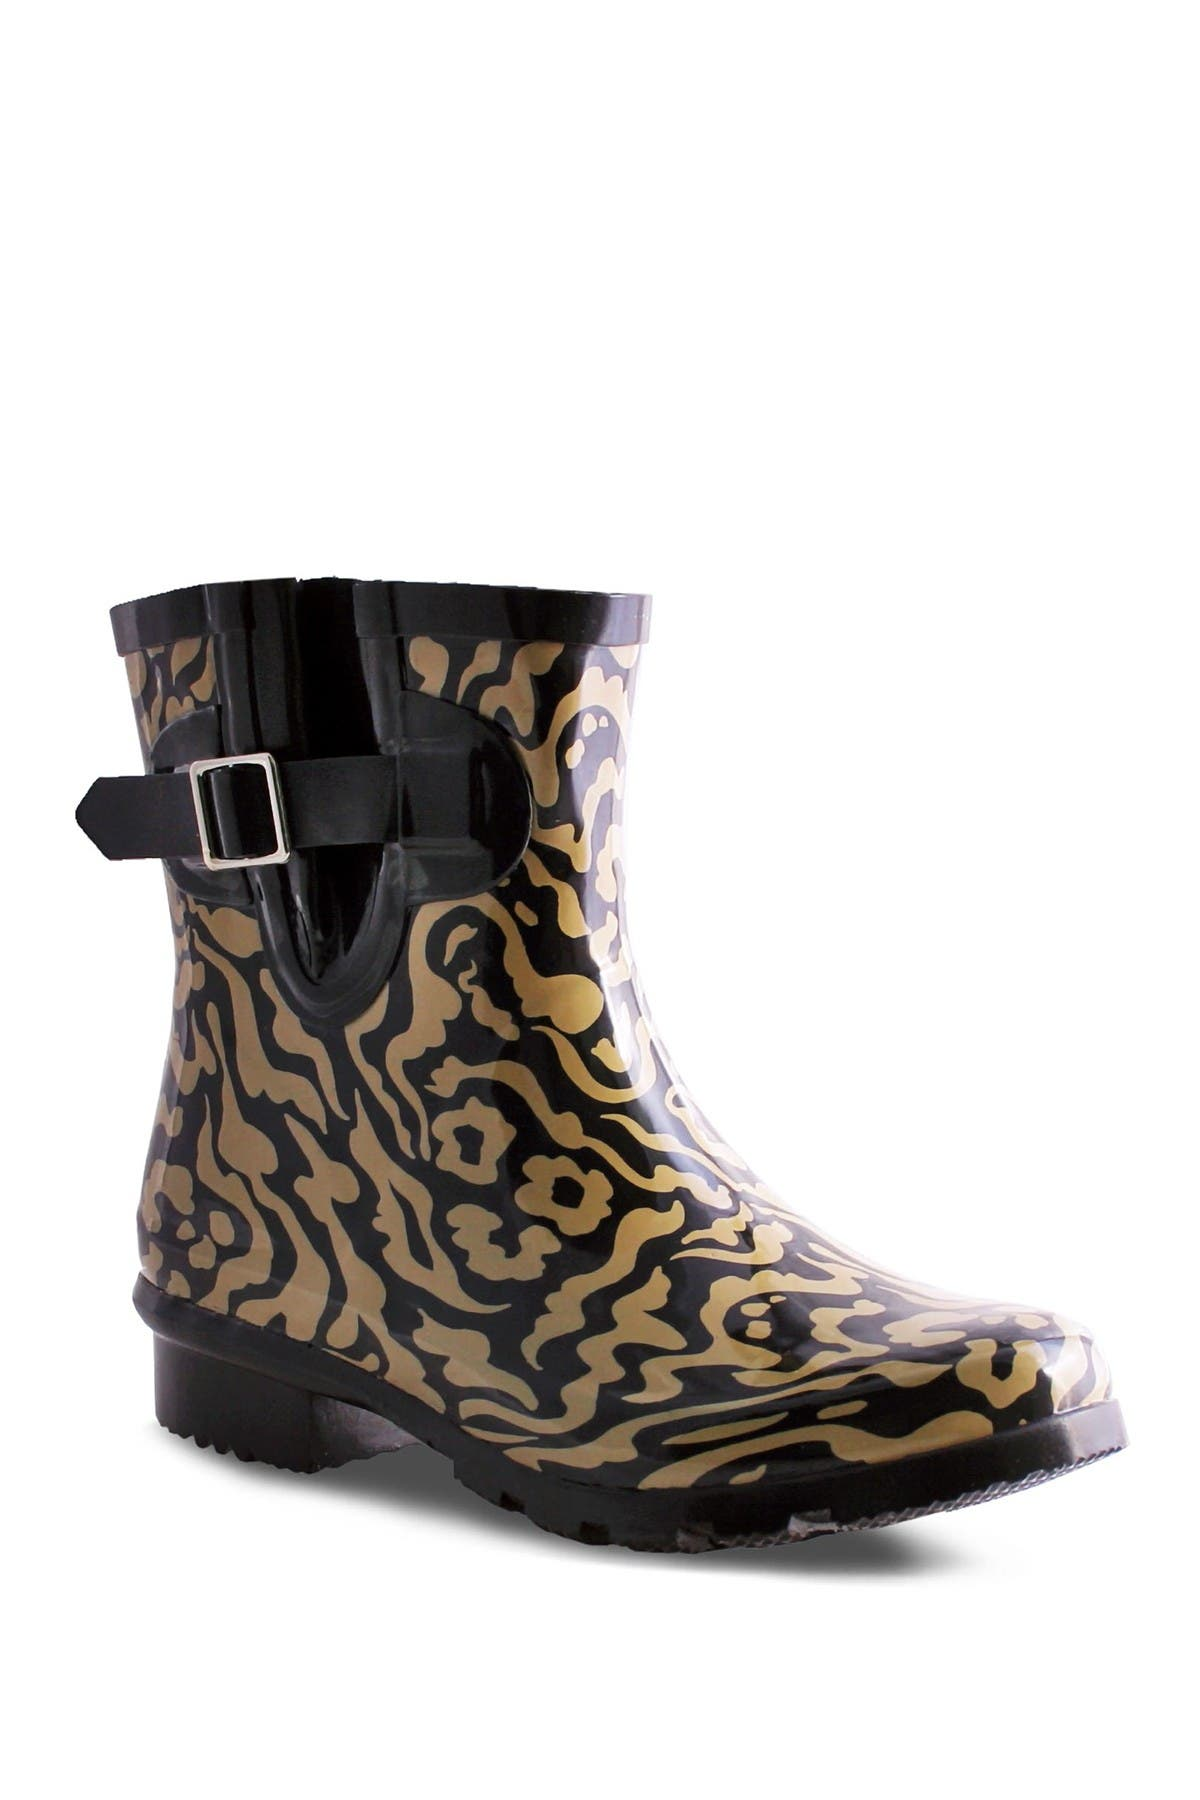 Image of Nomad Footwear Droplet Patterned Waterproof Rain Boot